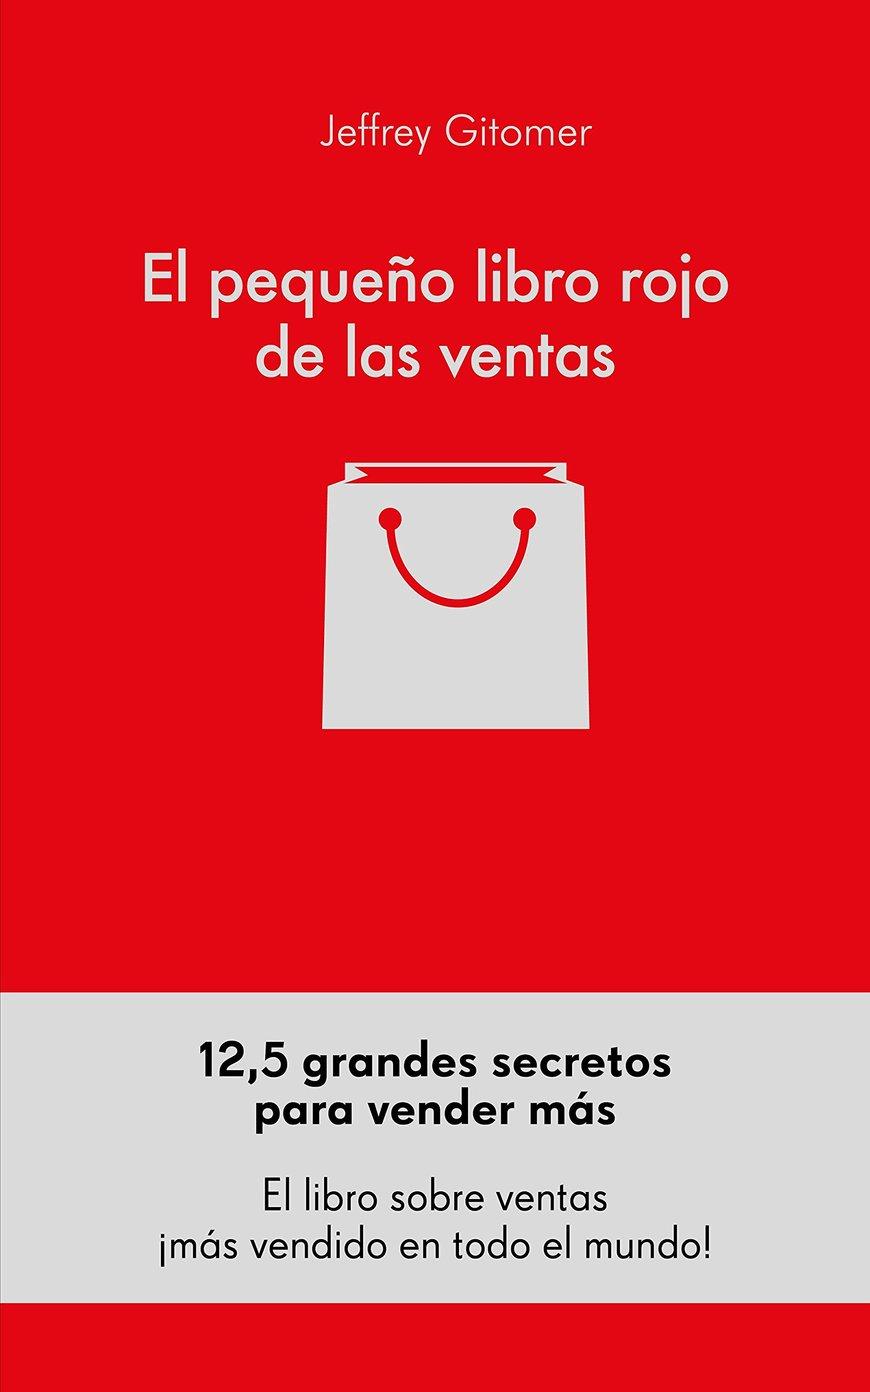 El pequeño libro rojo de las ventas: 12,5 grandes secretos para vender